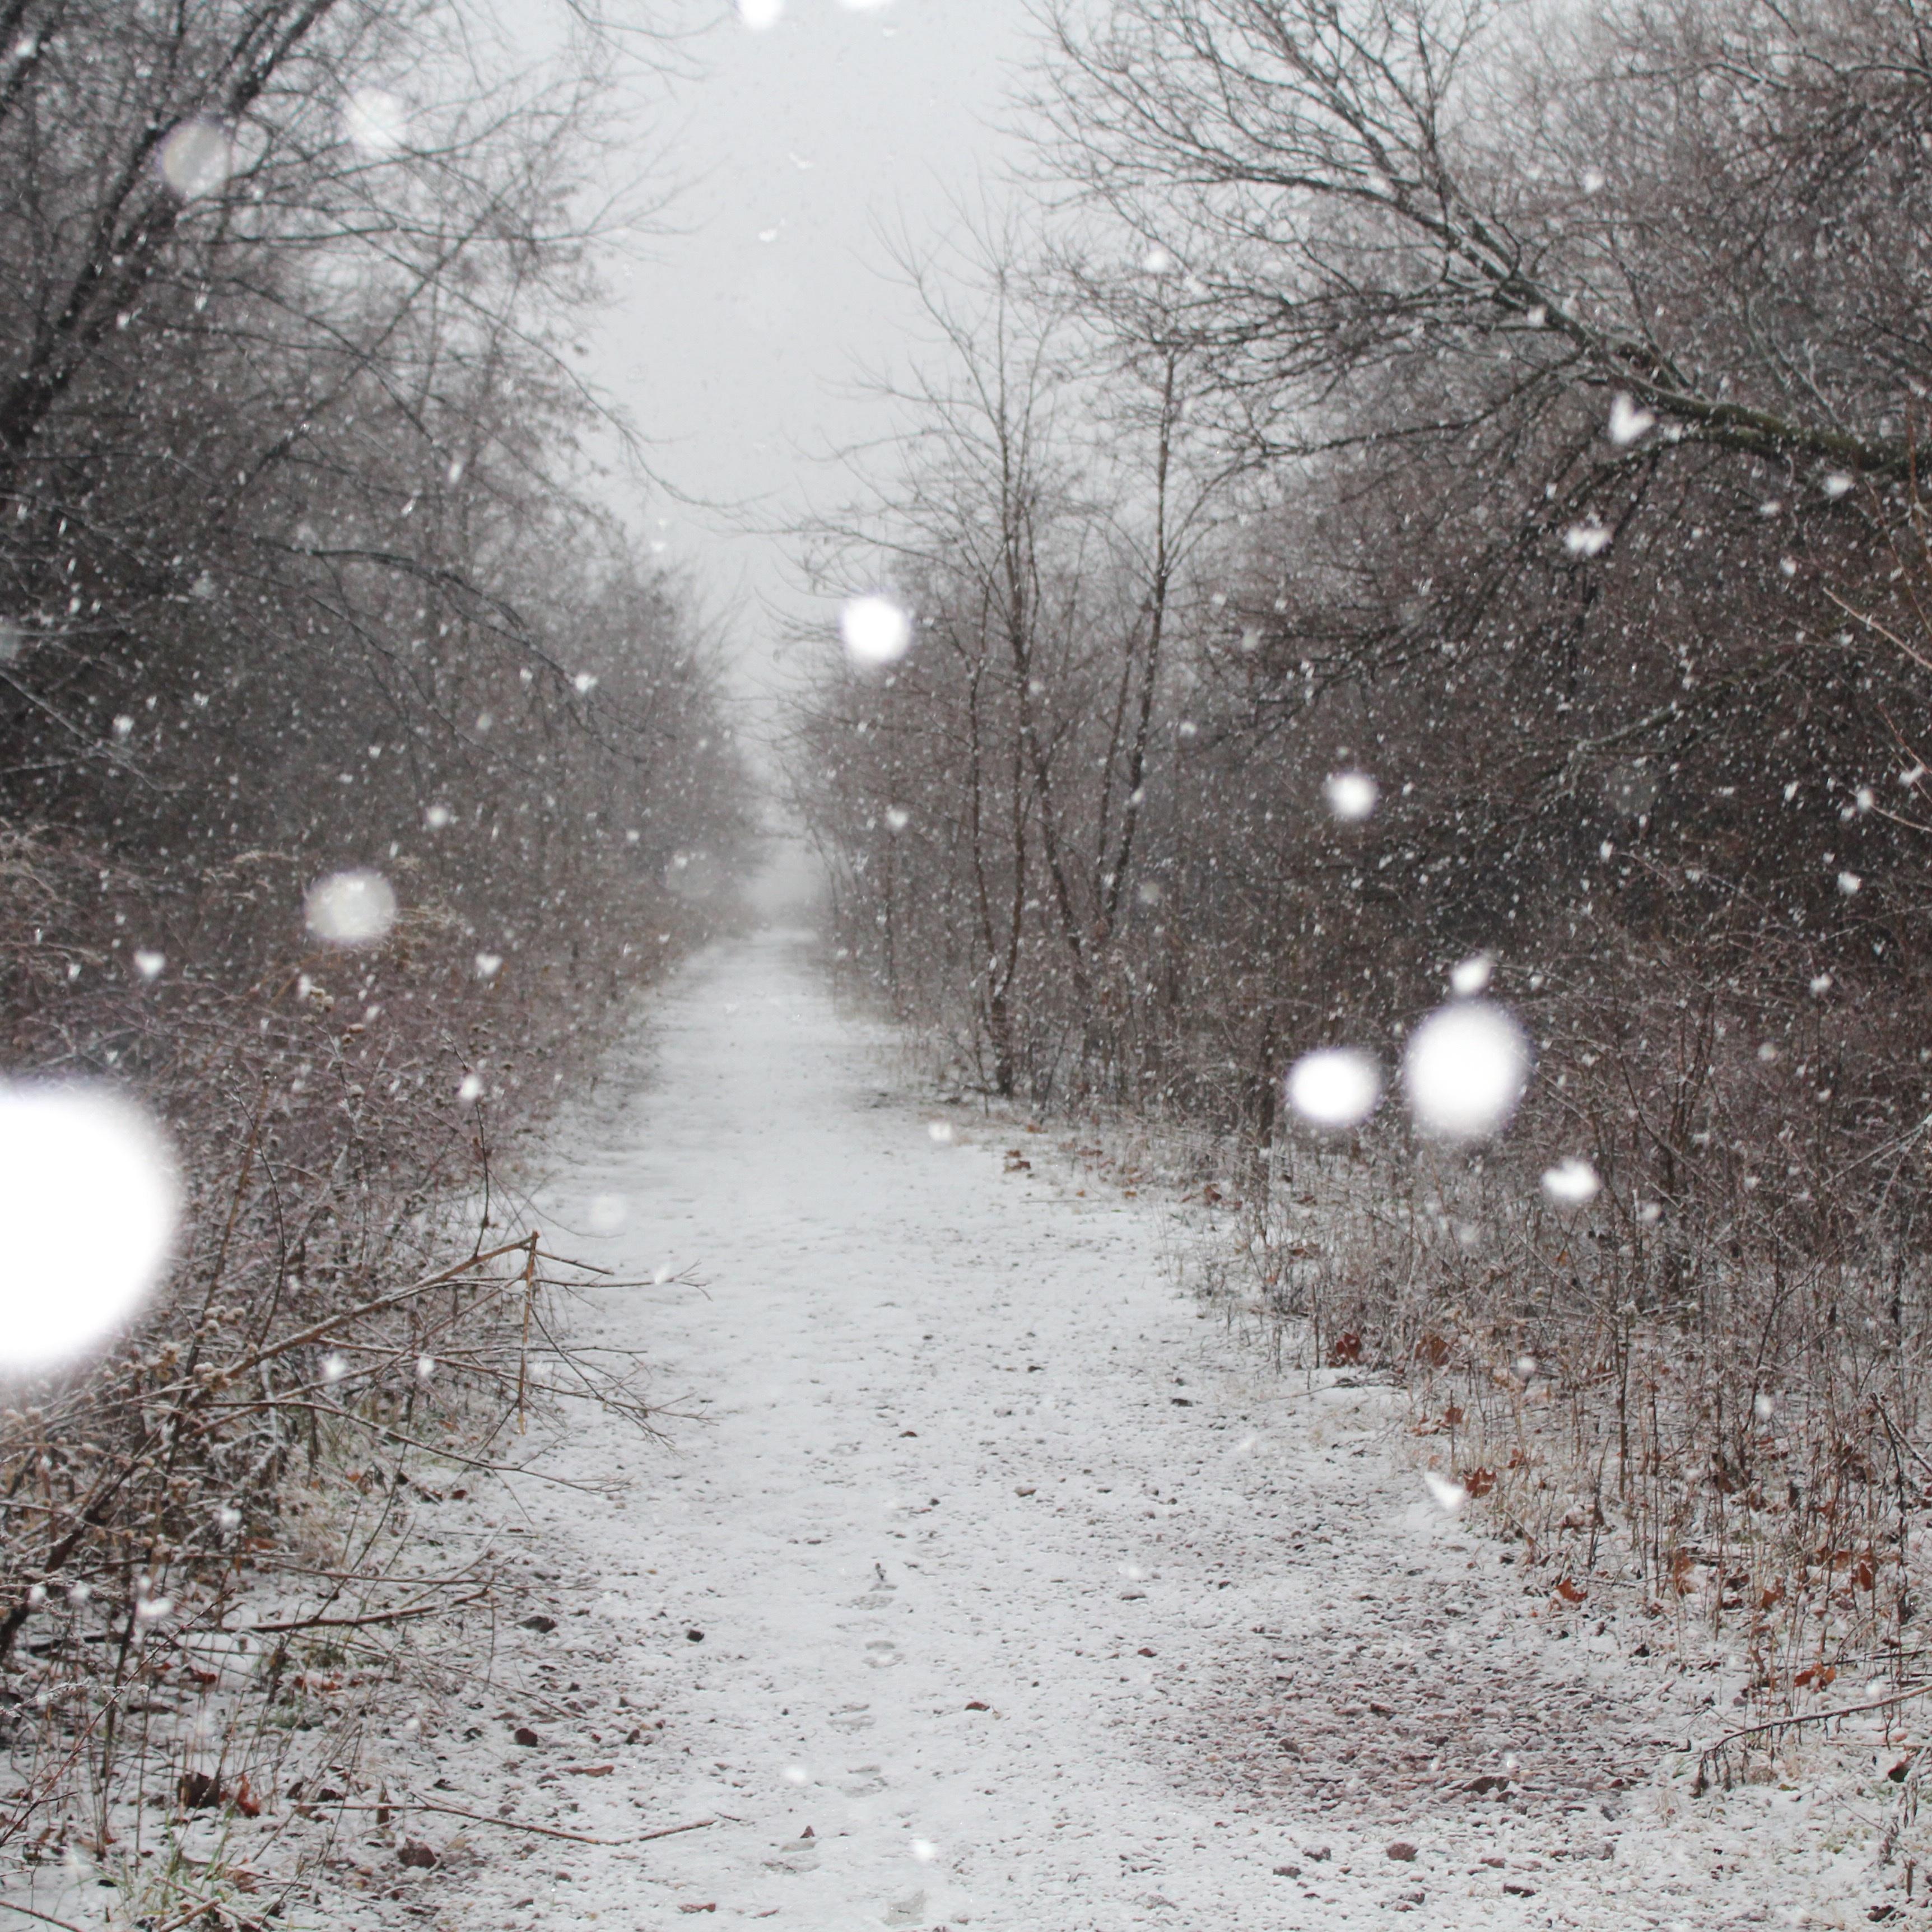 съежилась картинки про снег и дождь можете заказать печать